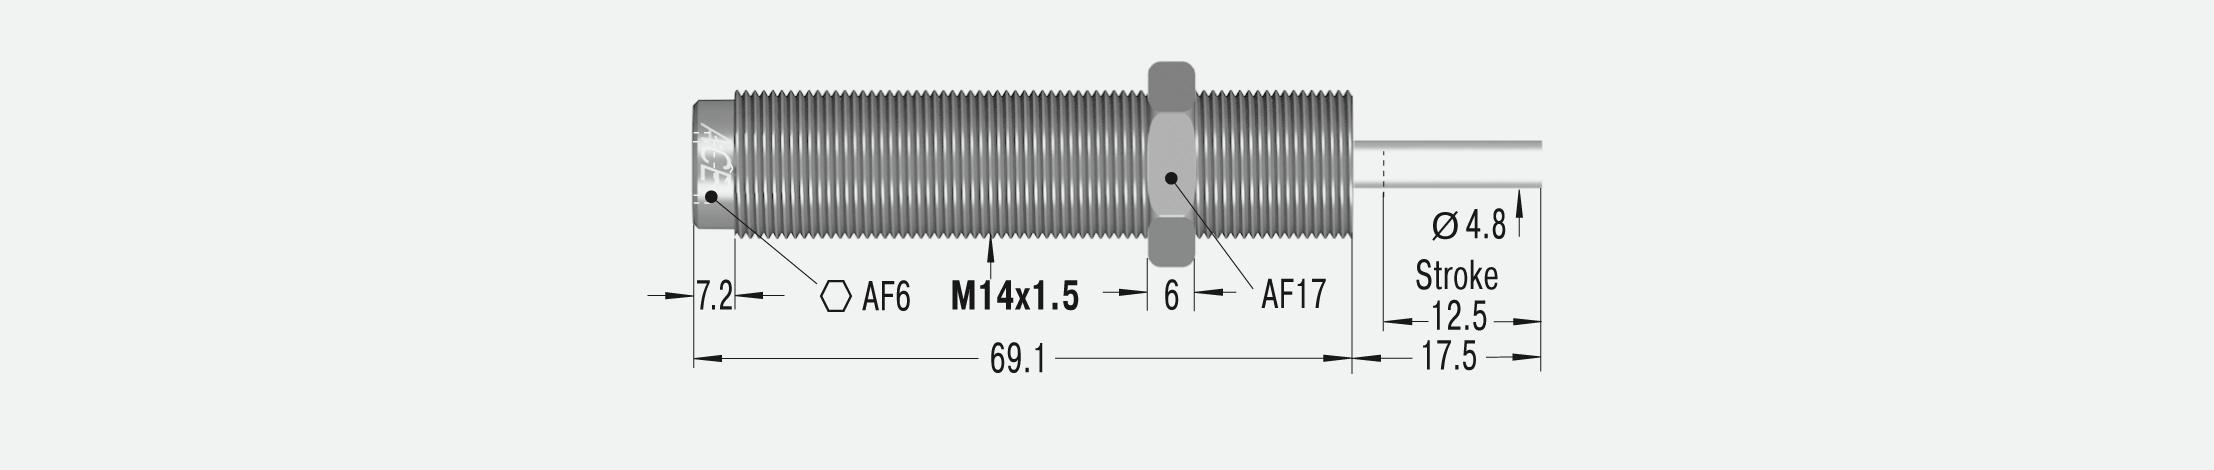 MC150EUMH2-V4A